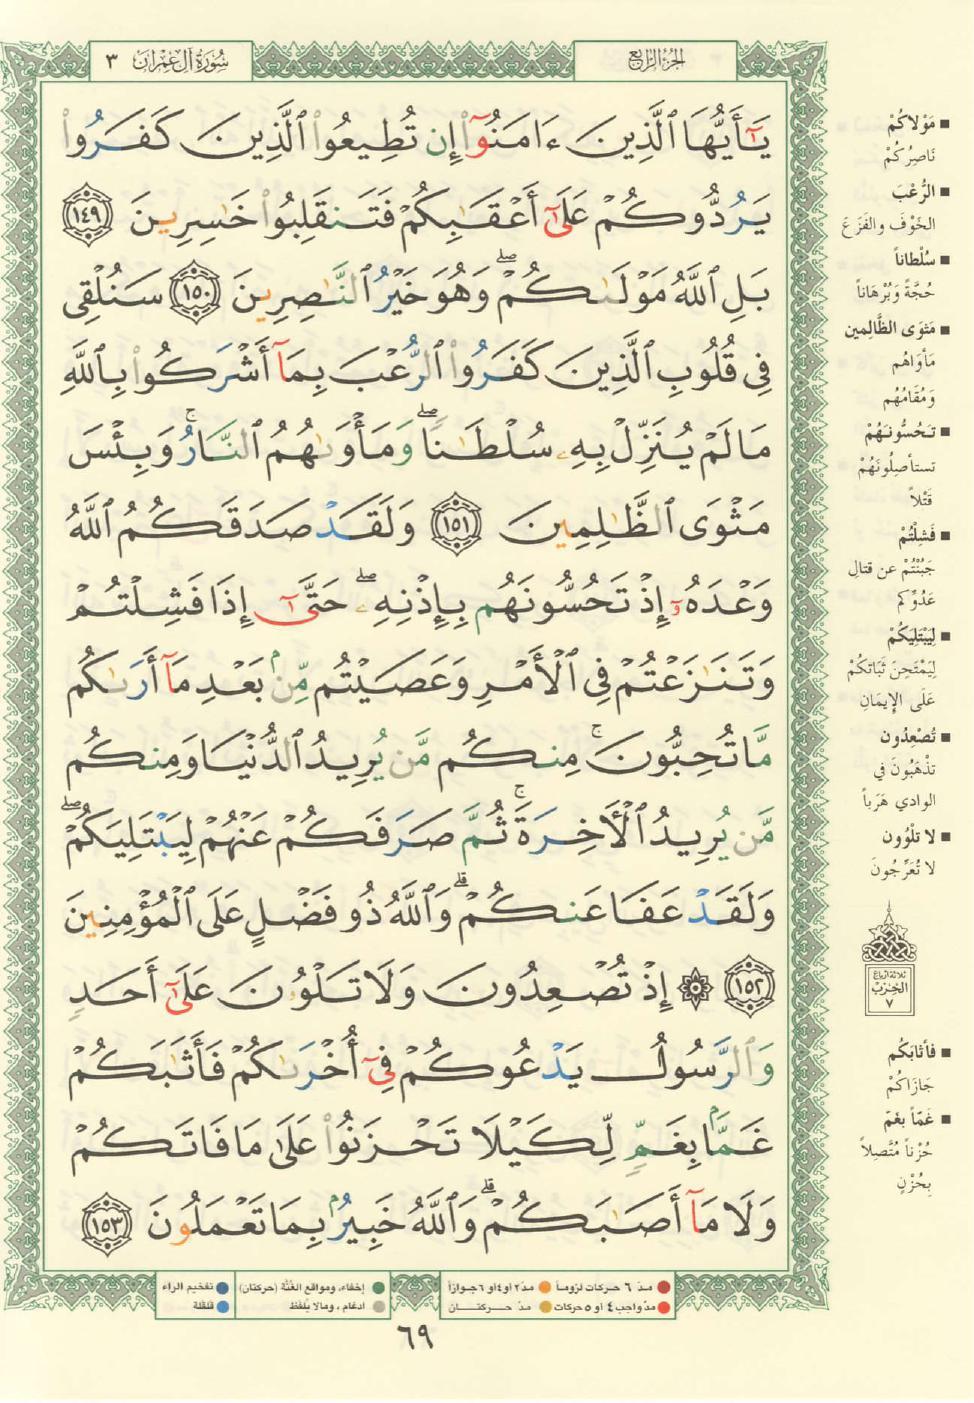 3. سورة آل عمران - Al-Imran مصورة من المصحف الشريف Quran_tajwid_000078